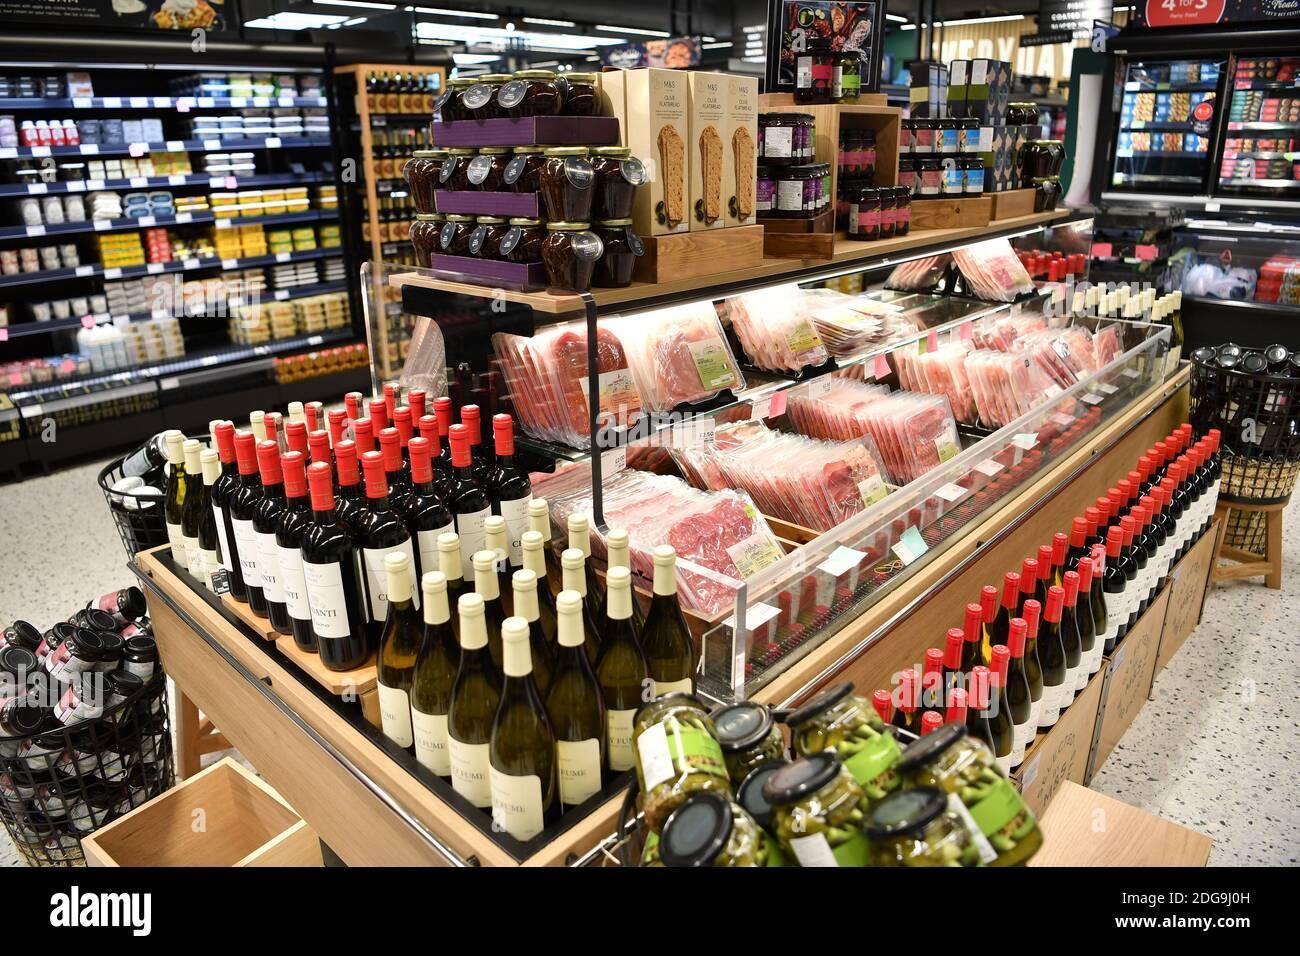 Marks & Spencer M&S Food Shop à Two Rivers, Staines, Surrey, jeudi 2 décembre 2020. Banque D'Images